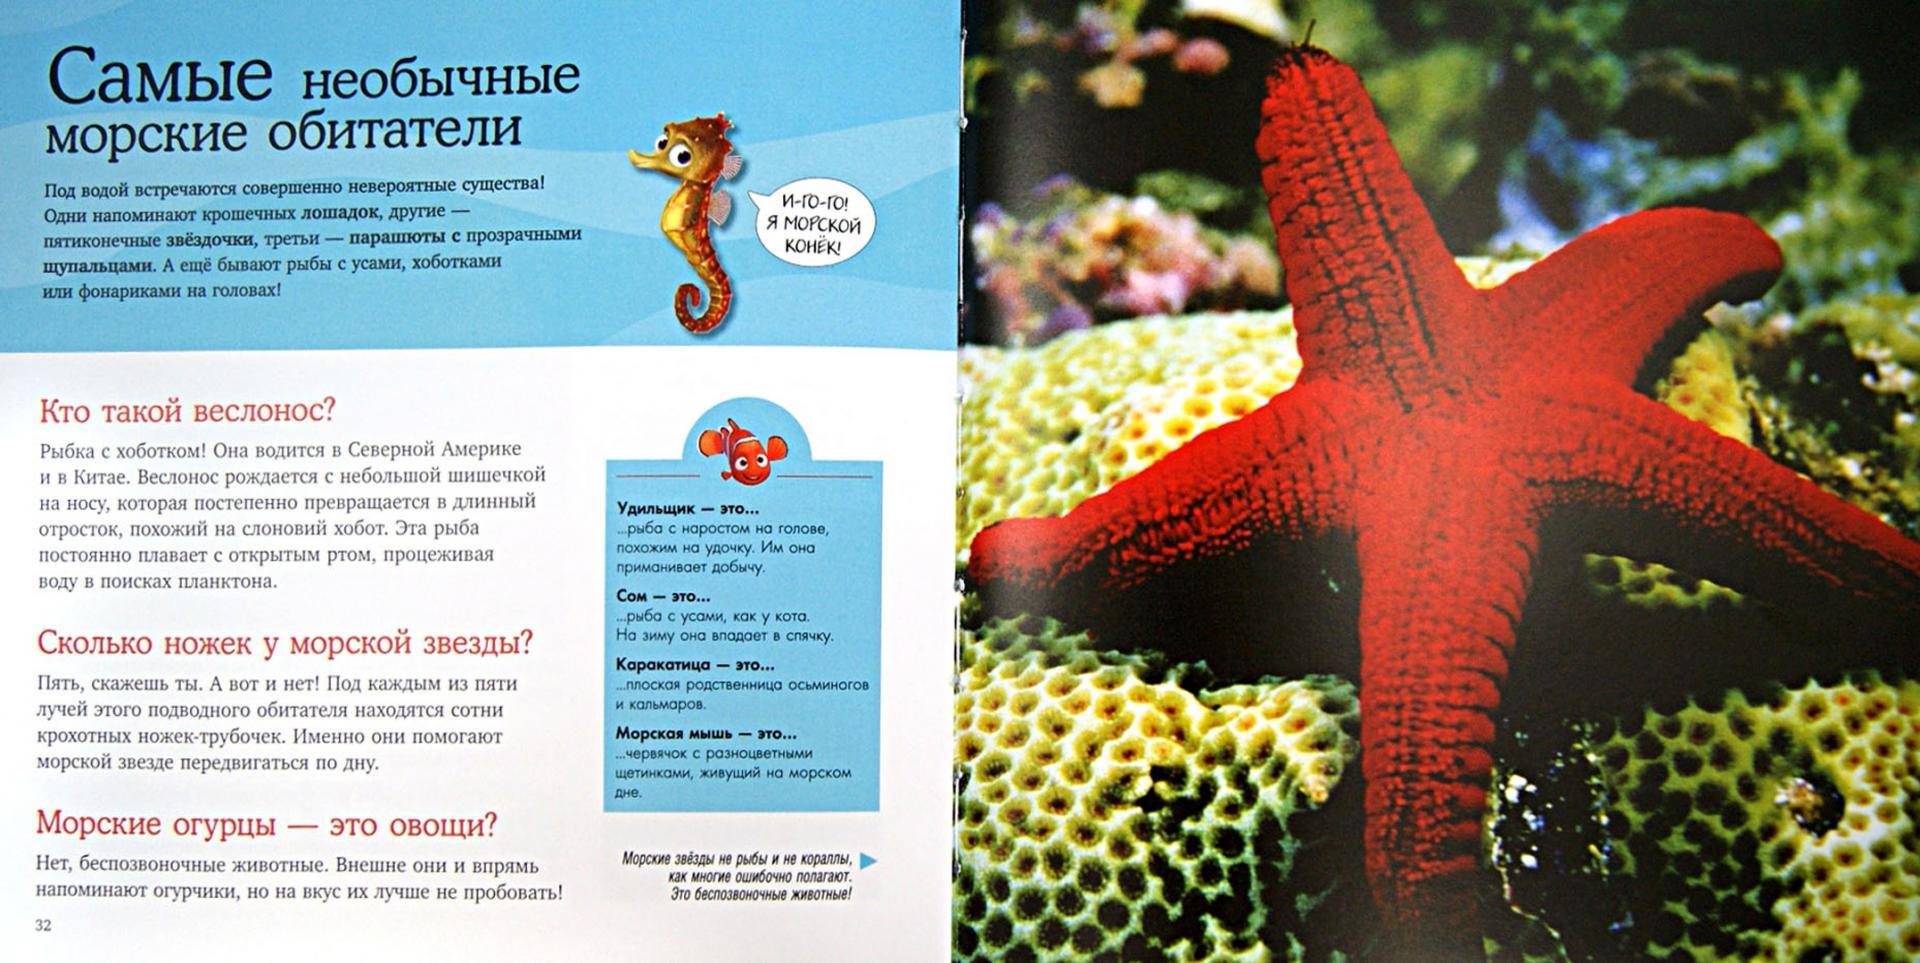 Иллюстрация 1 из 25 для Морские обитатели. Удивительная энциклопедия животных | Лабиринт - книги. Источник: Лабиринт